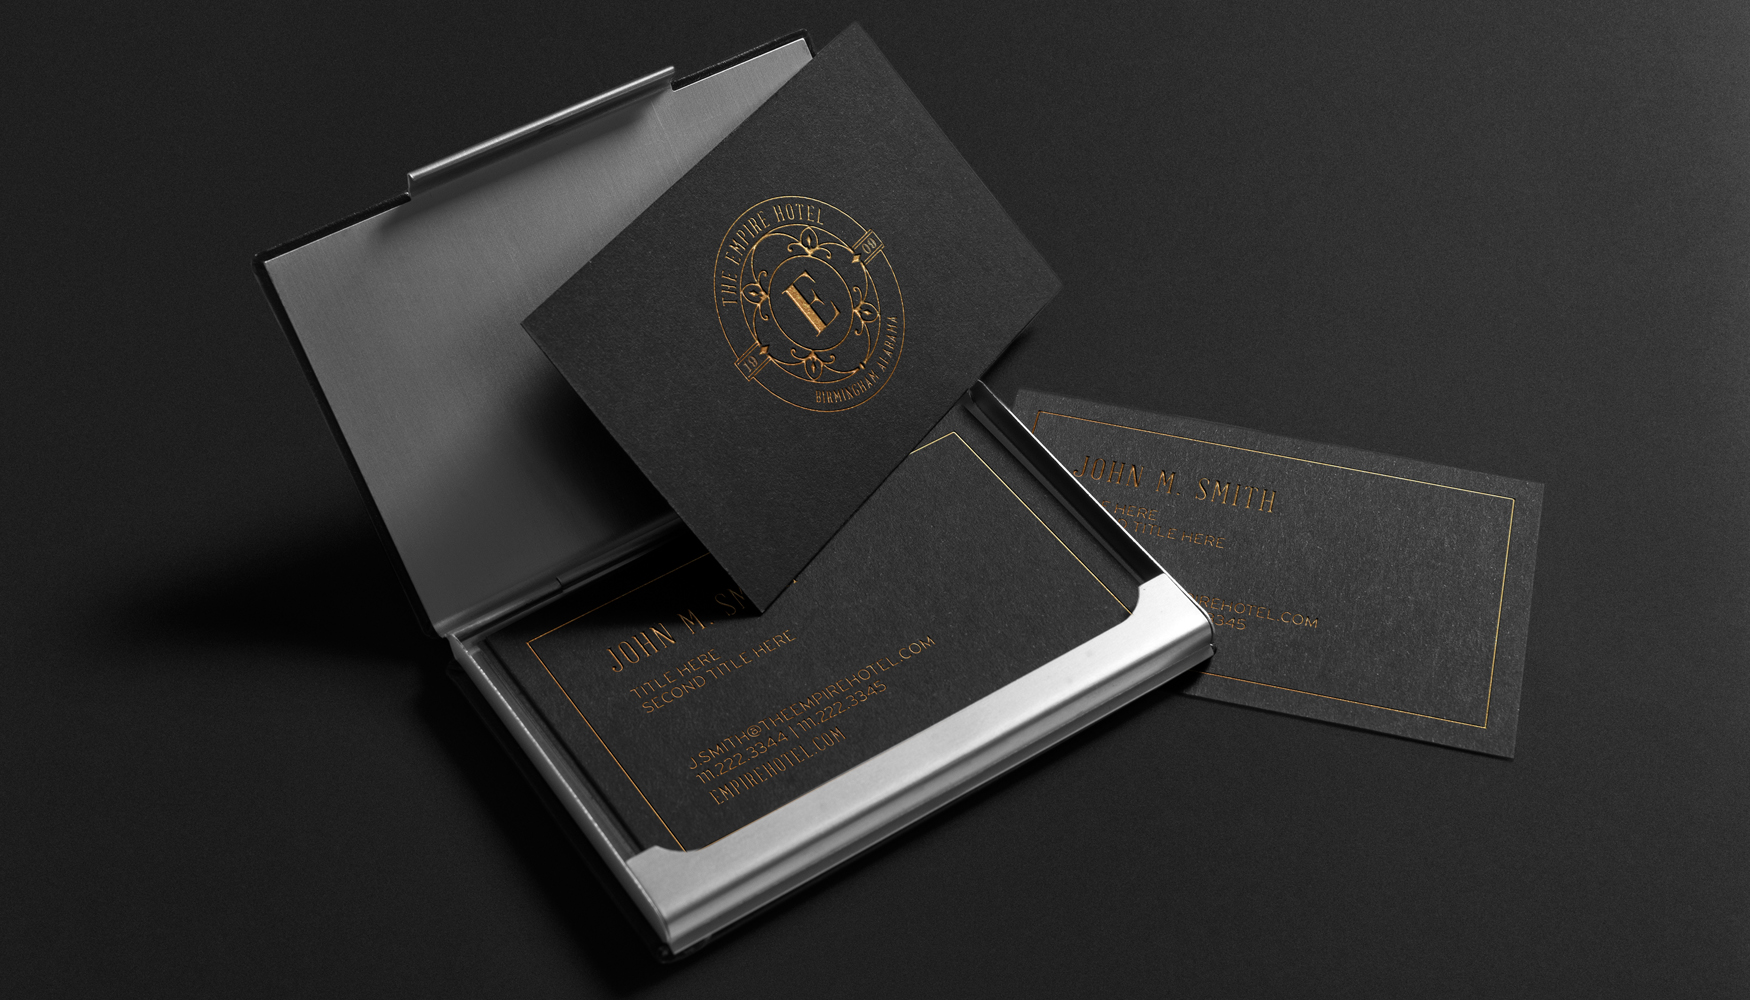 Empire_cards.jpg